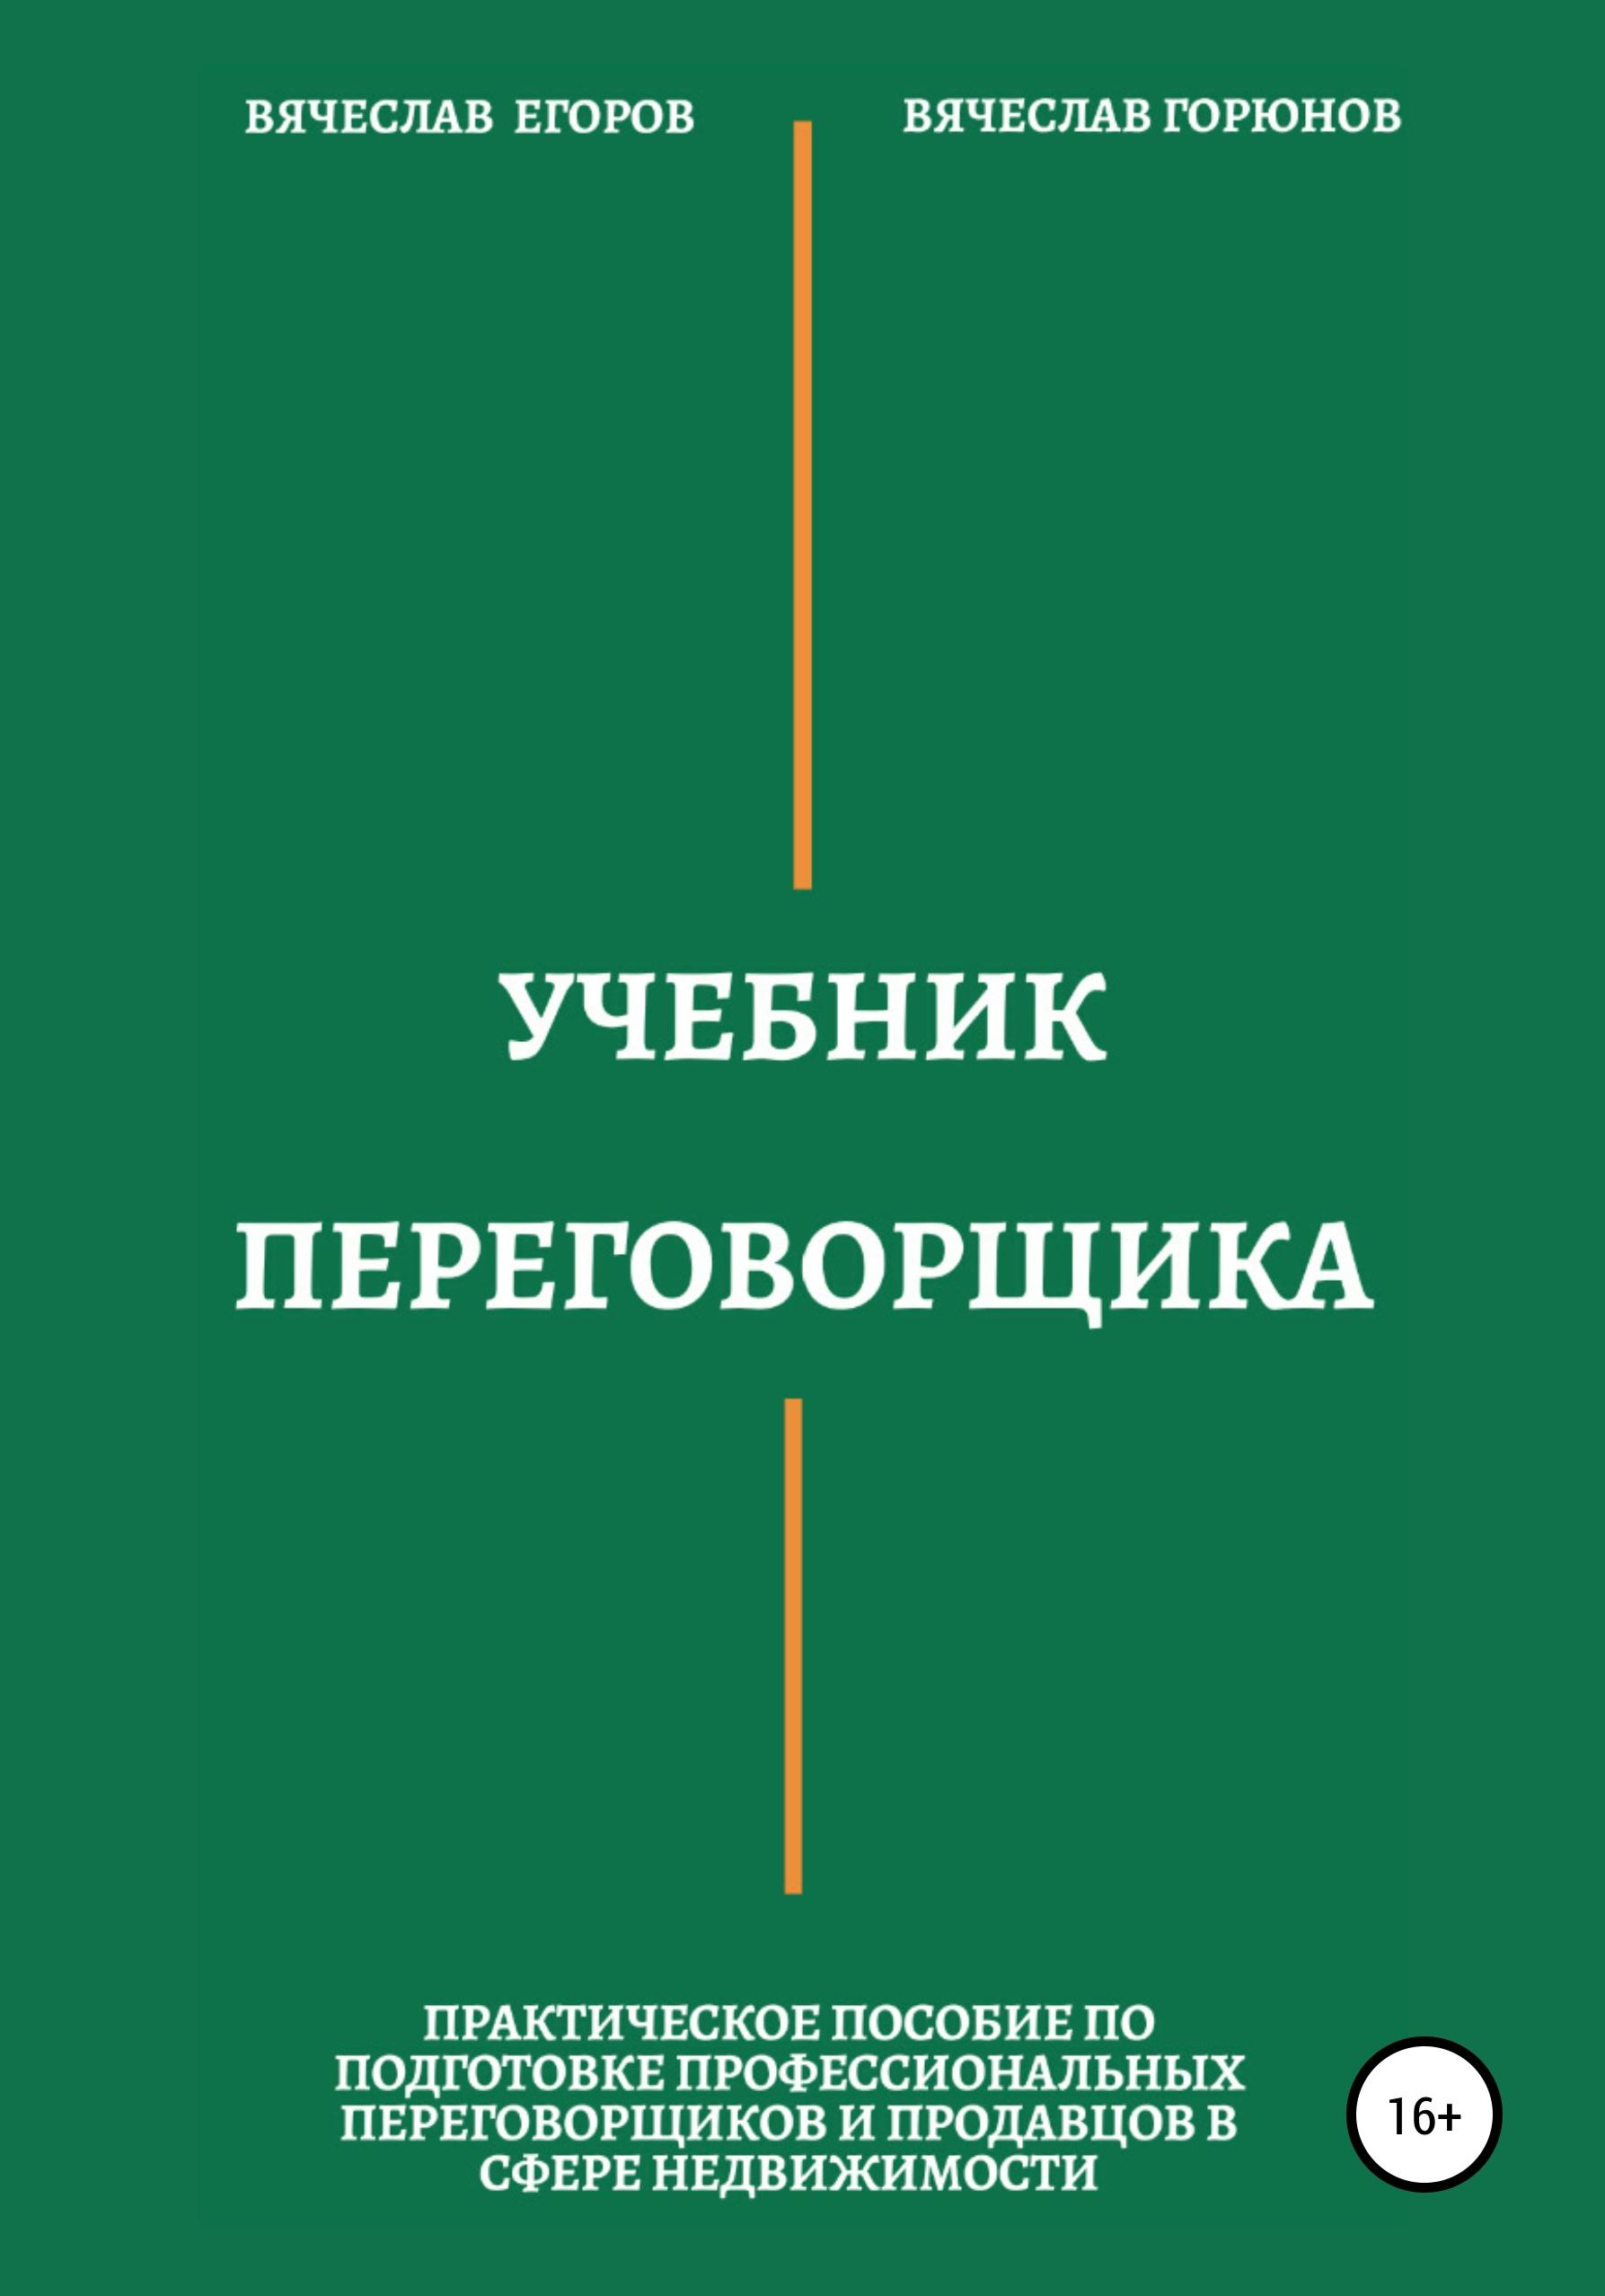 Учебник переговорщика